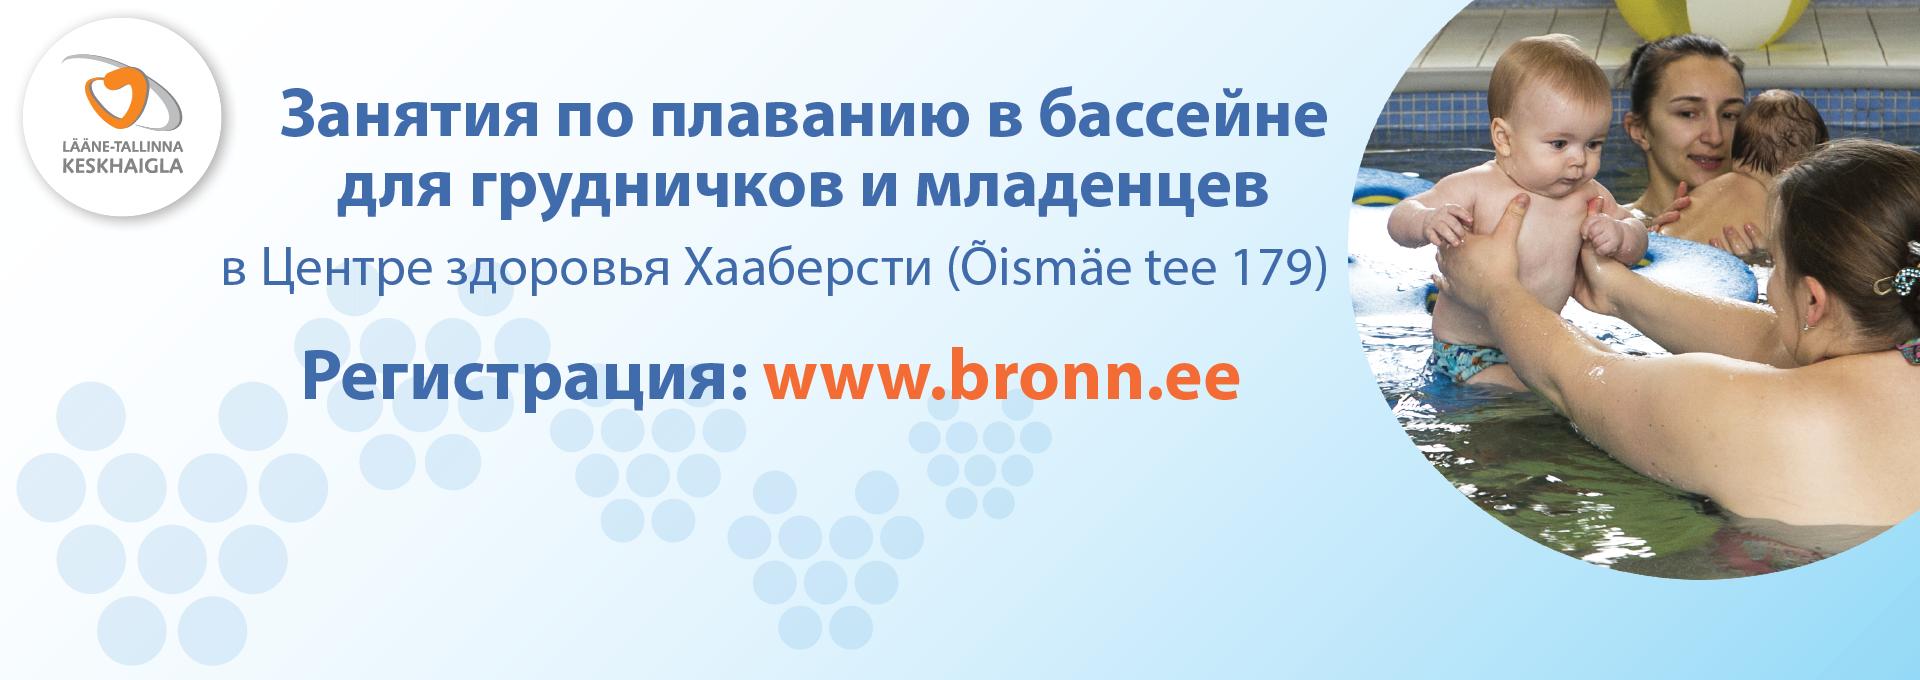 slider_titade-ujutamine_bronn_10sept2018-RUS